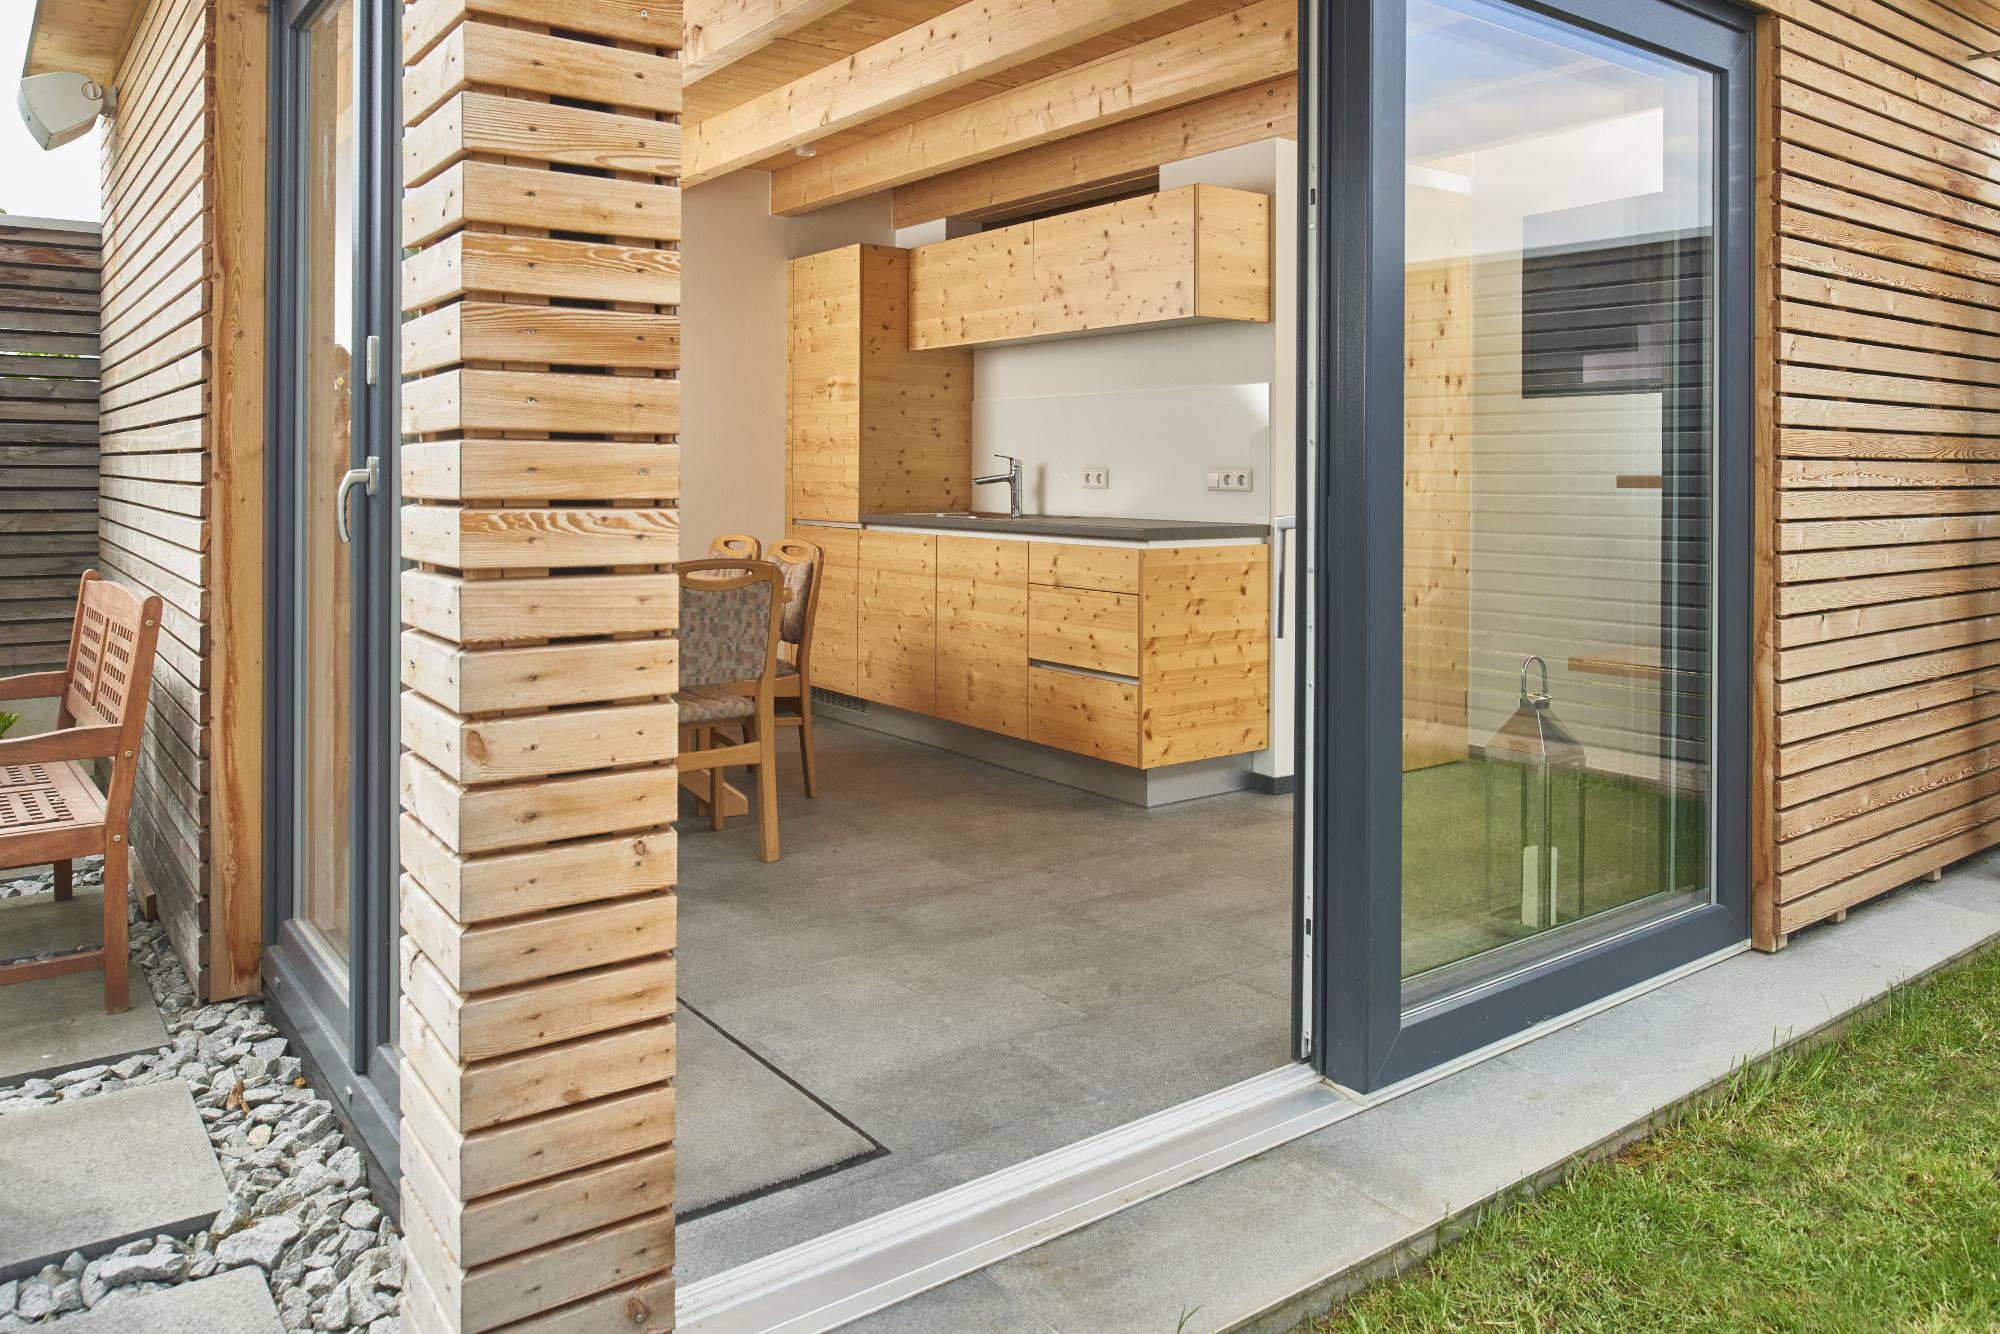 Outdoorküche Möbel Preise : Moesta bbq outdoor möbel außenküche grilltische outdoorküche